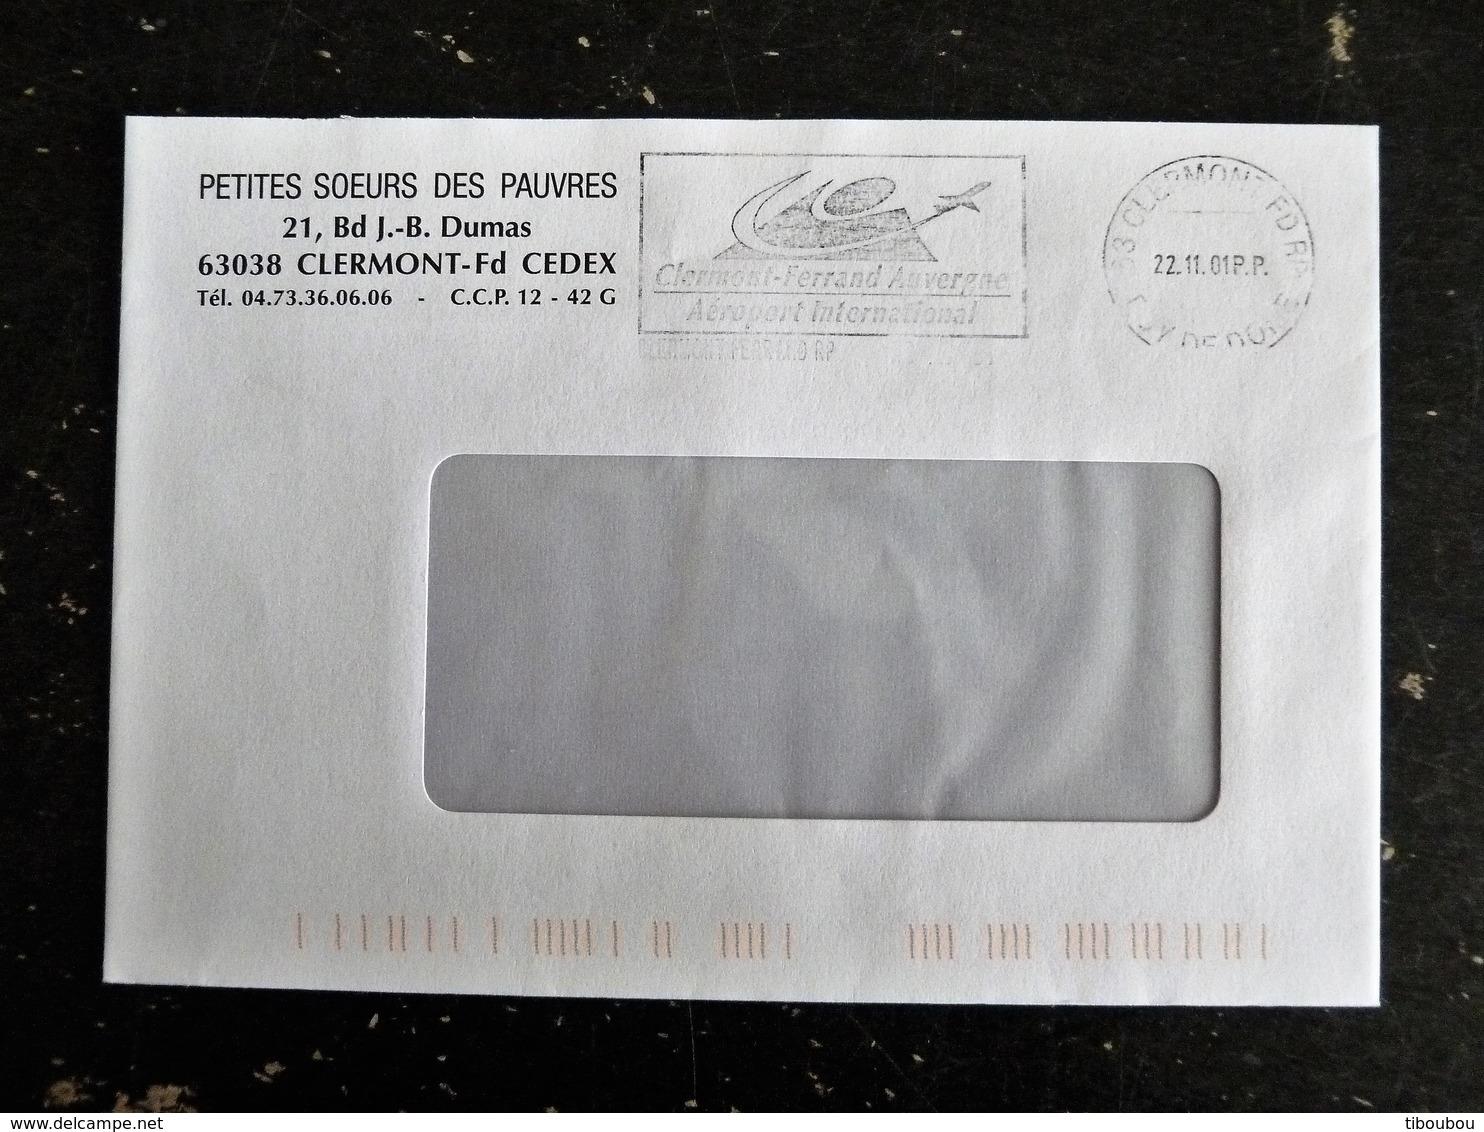 CLERMONT FERRAND RP - PUY DE DOME - FLAMME P.P. PORT PAYE AEROPORT INTERNATIONAL - Marcophilie (Lettres)